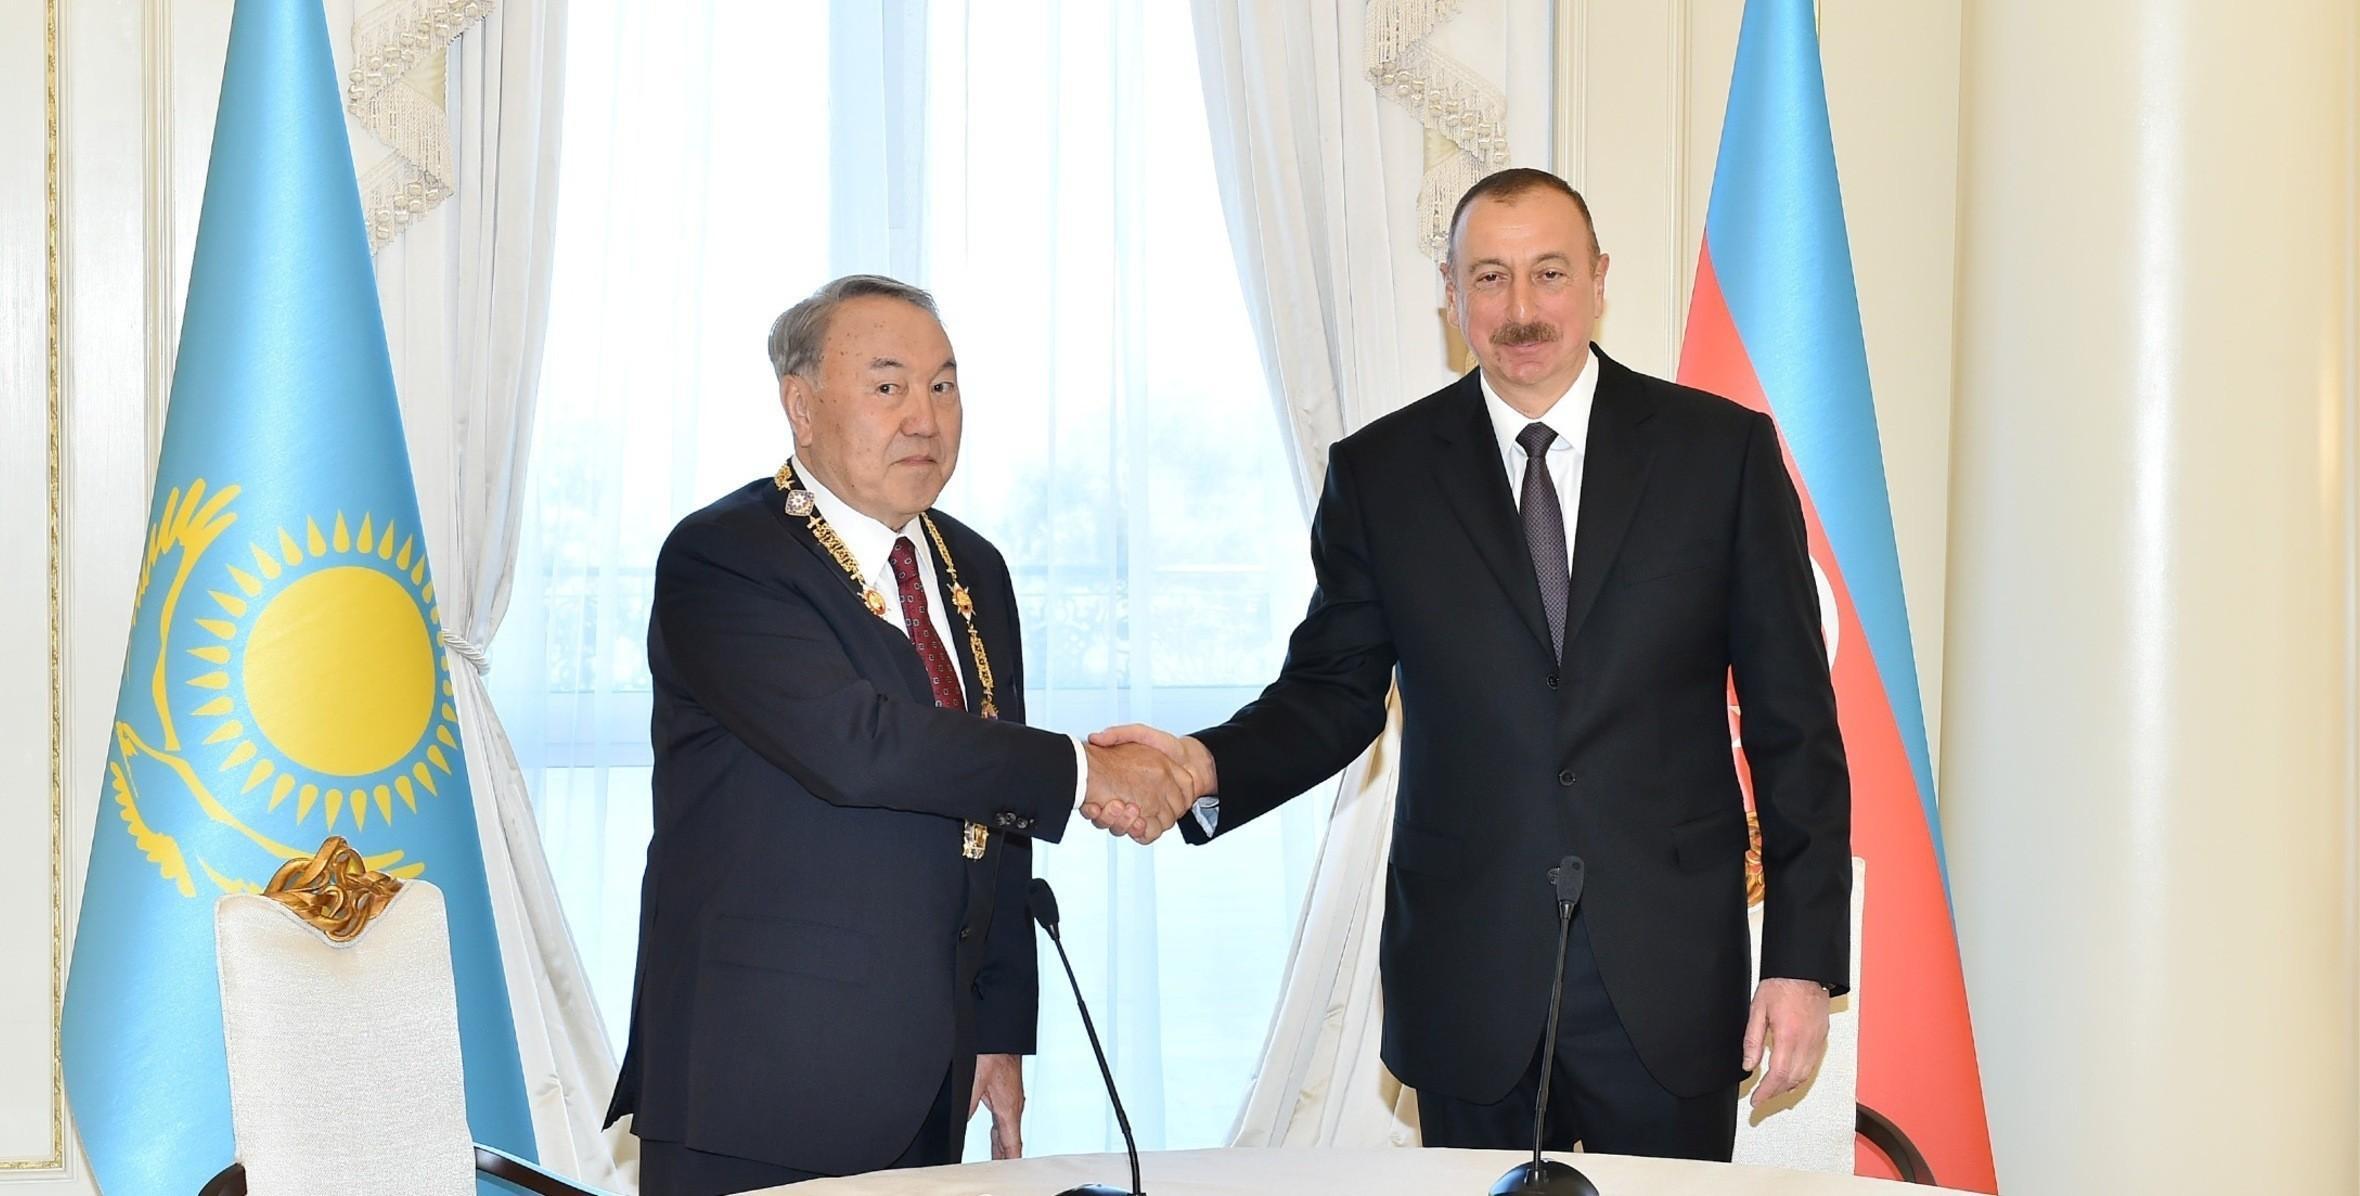 Нурсултан Назарбаев поздравил президента Ильхама Алиева с днем рождения